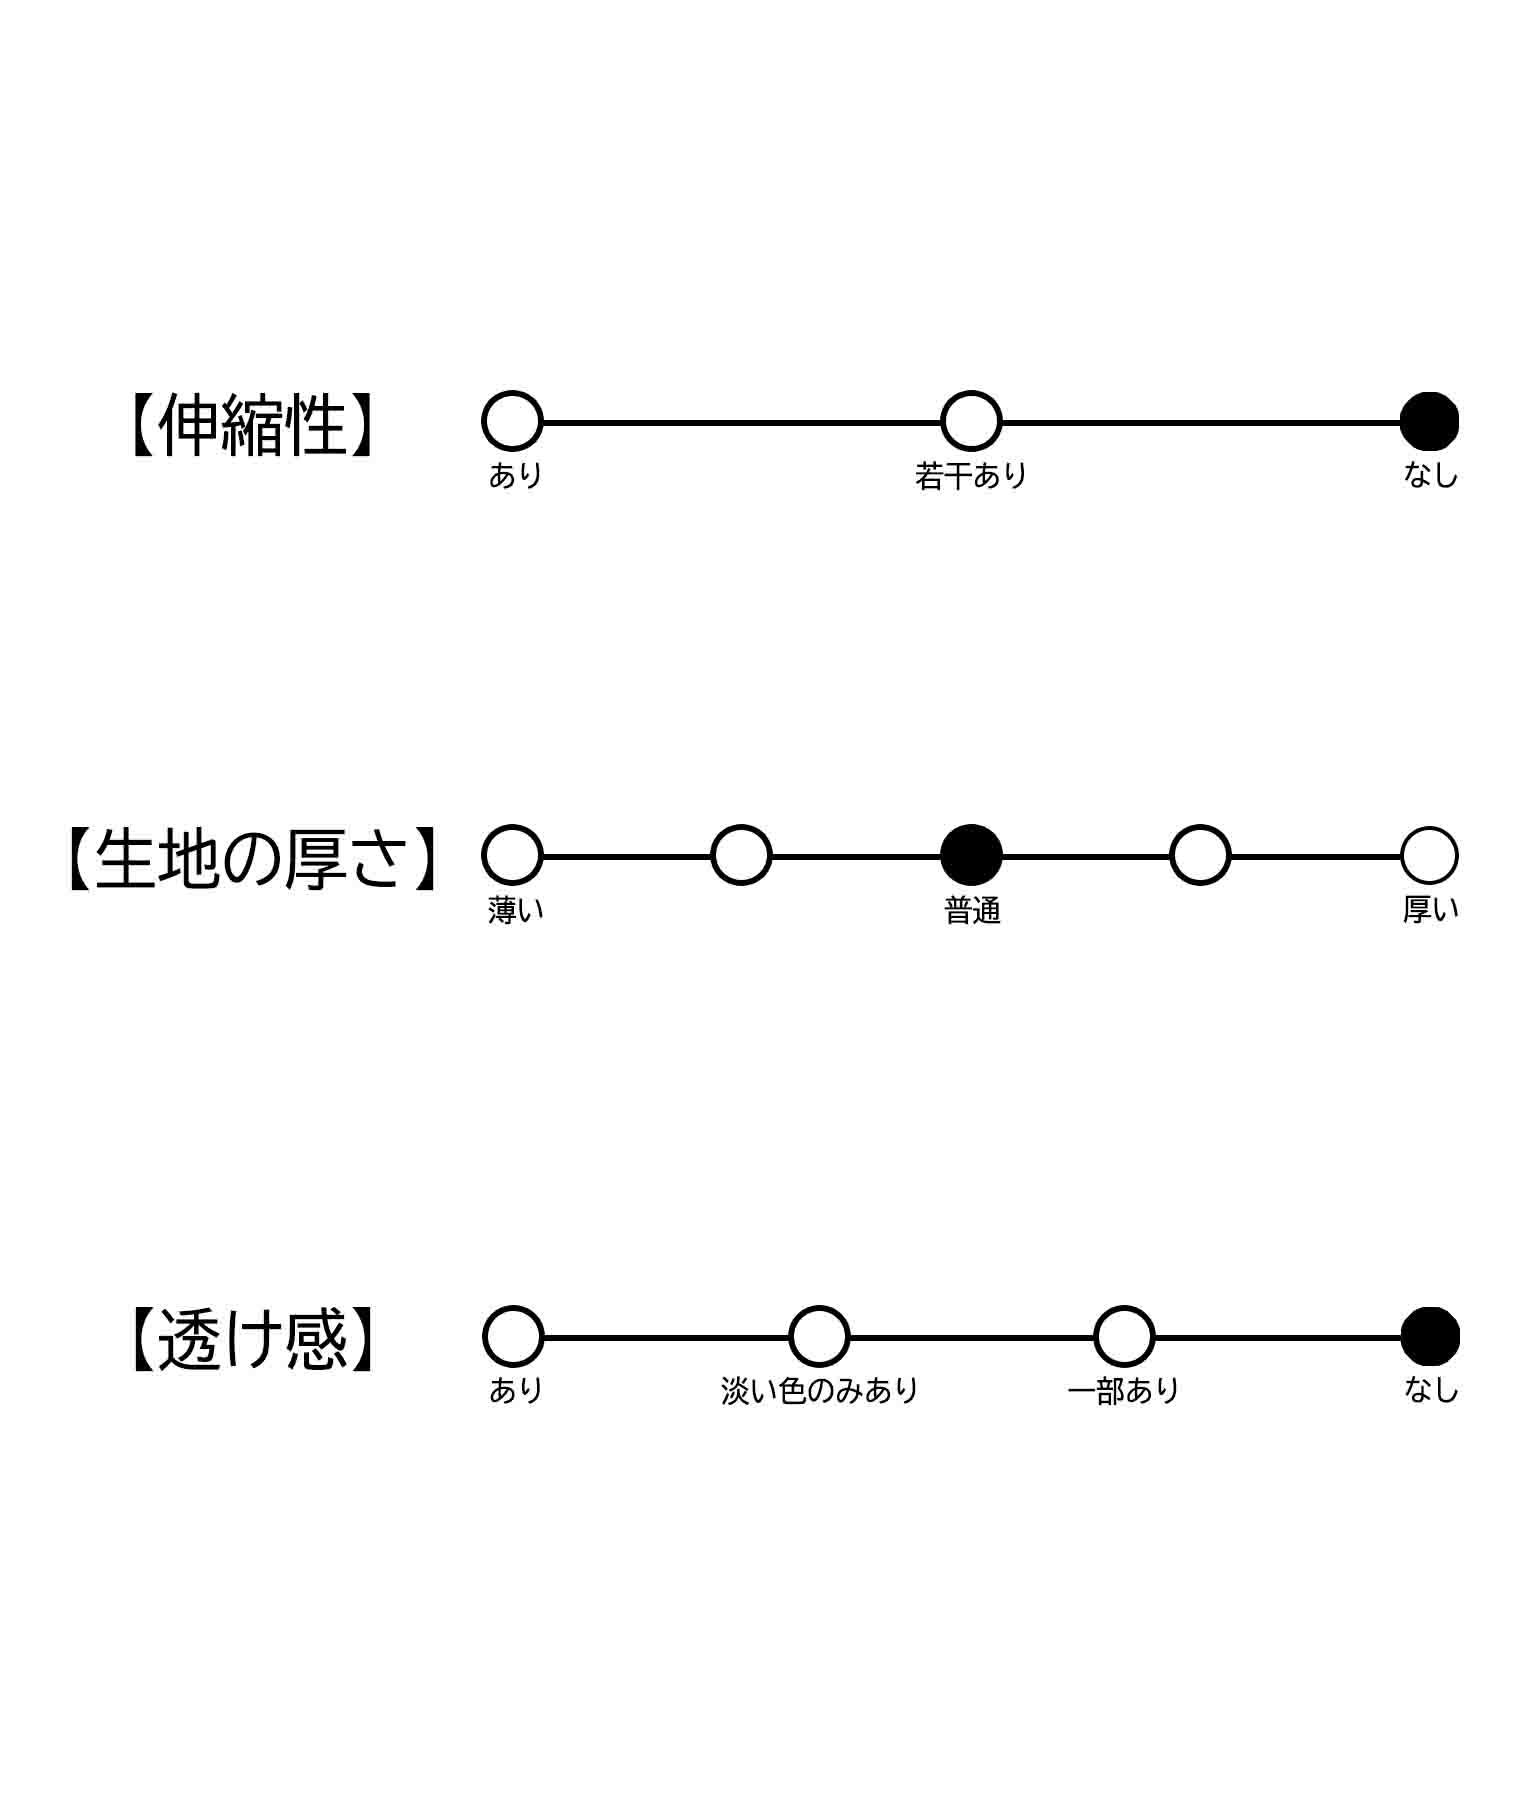 ポケットテープクラッシュデニムショートパンツ(ボトムス・パンツ /クラッシュデニム  ・ショートパンツ・ハイウエストデニムパンツ・ハイウエストショートパンツ)   ANAP GiRL